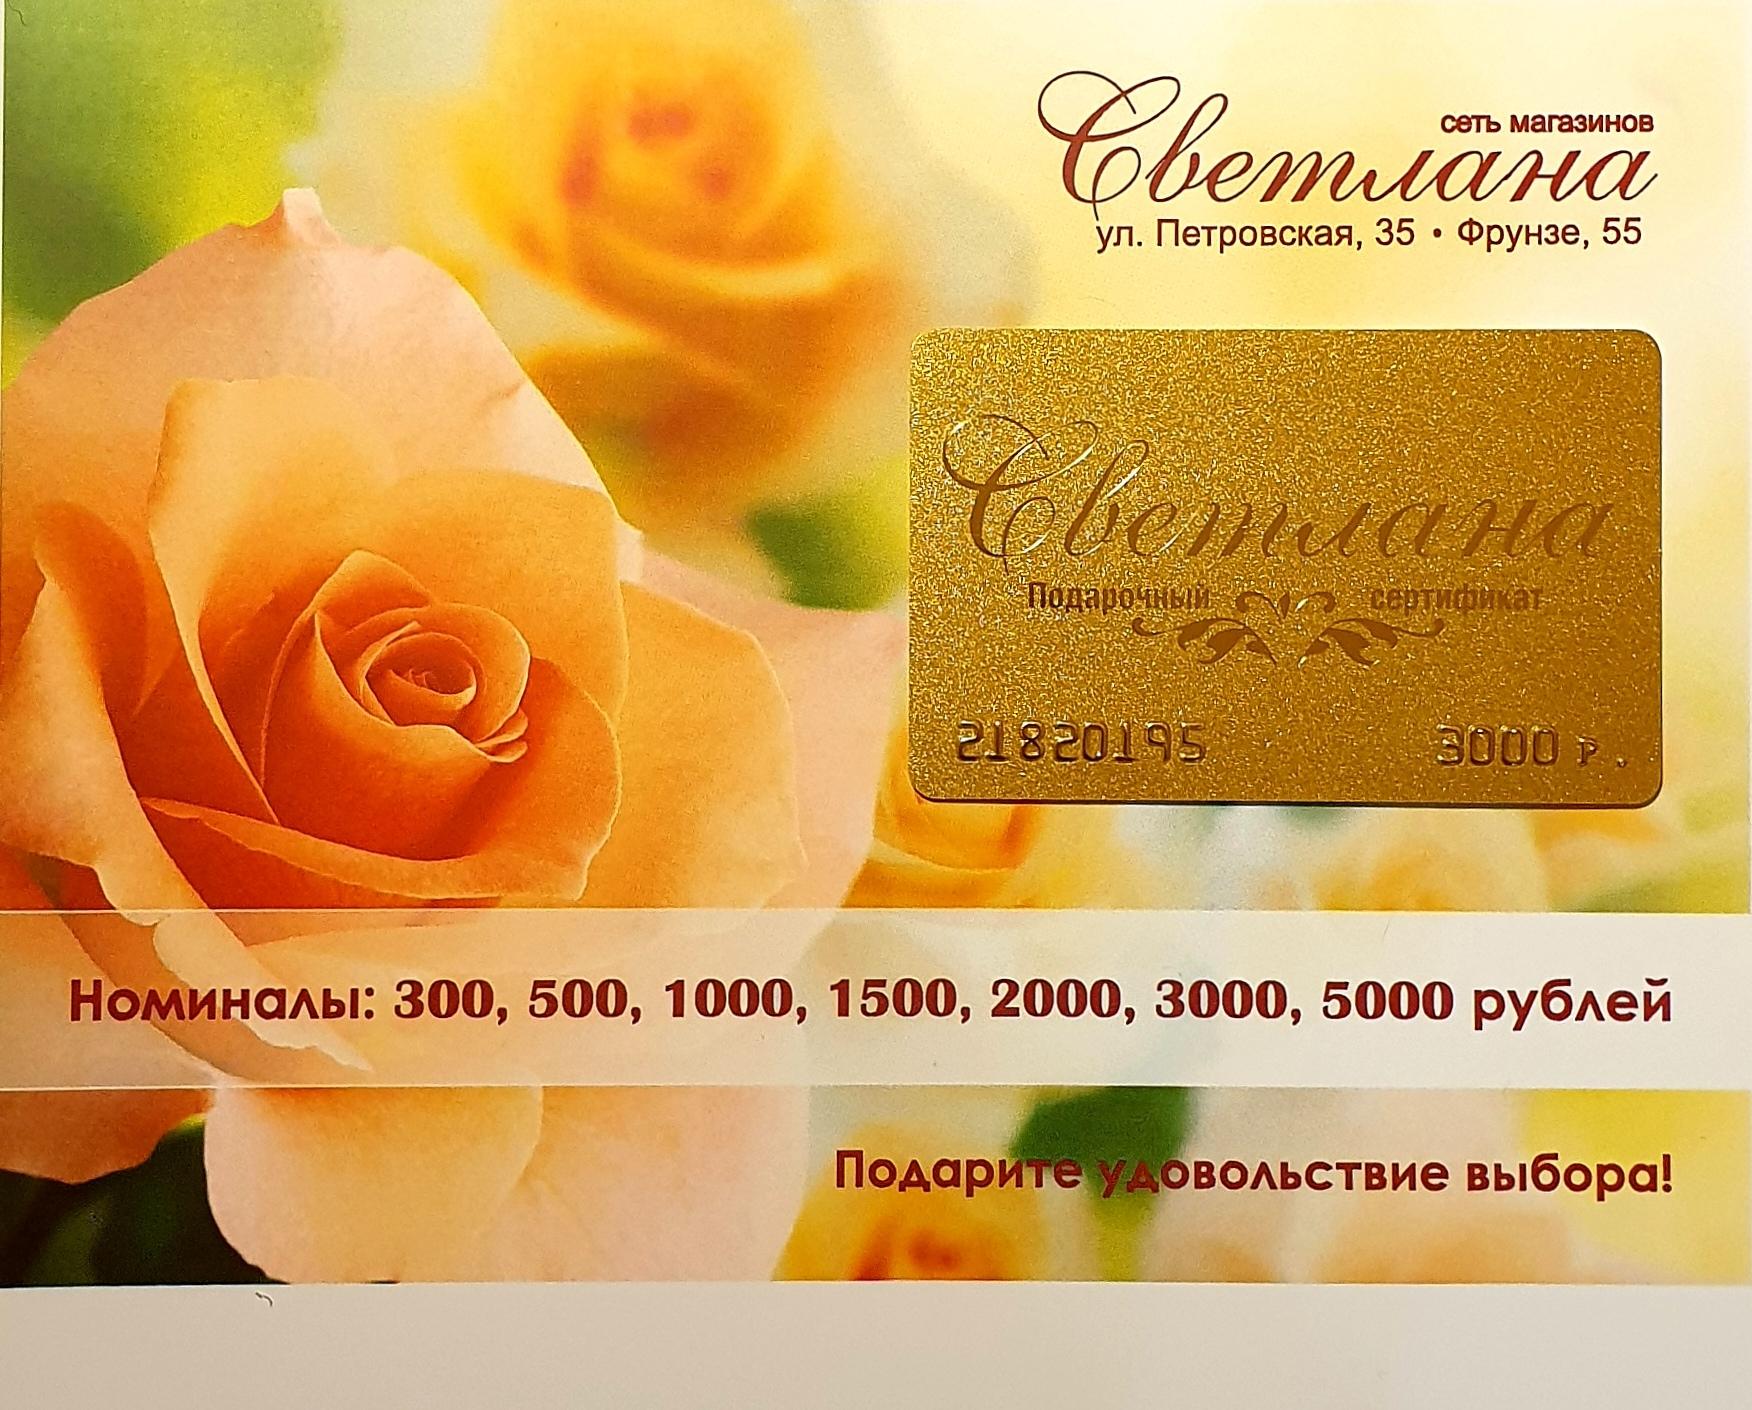 Подарочные сертификаты! Парфюмерия и косметика СВЕТЛАНА, Таганрог